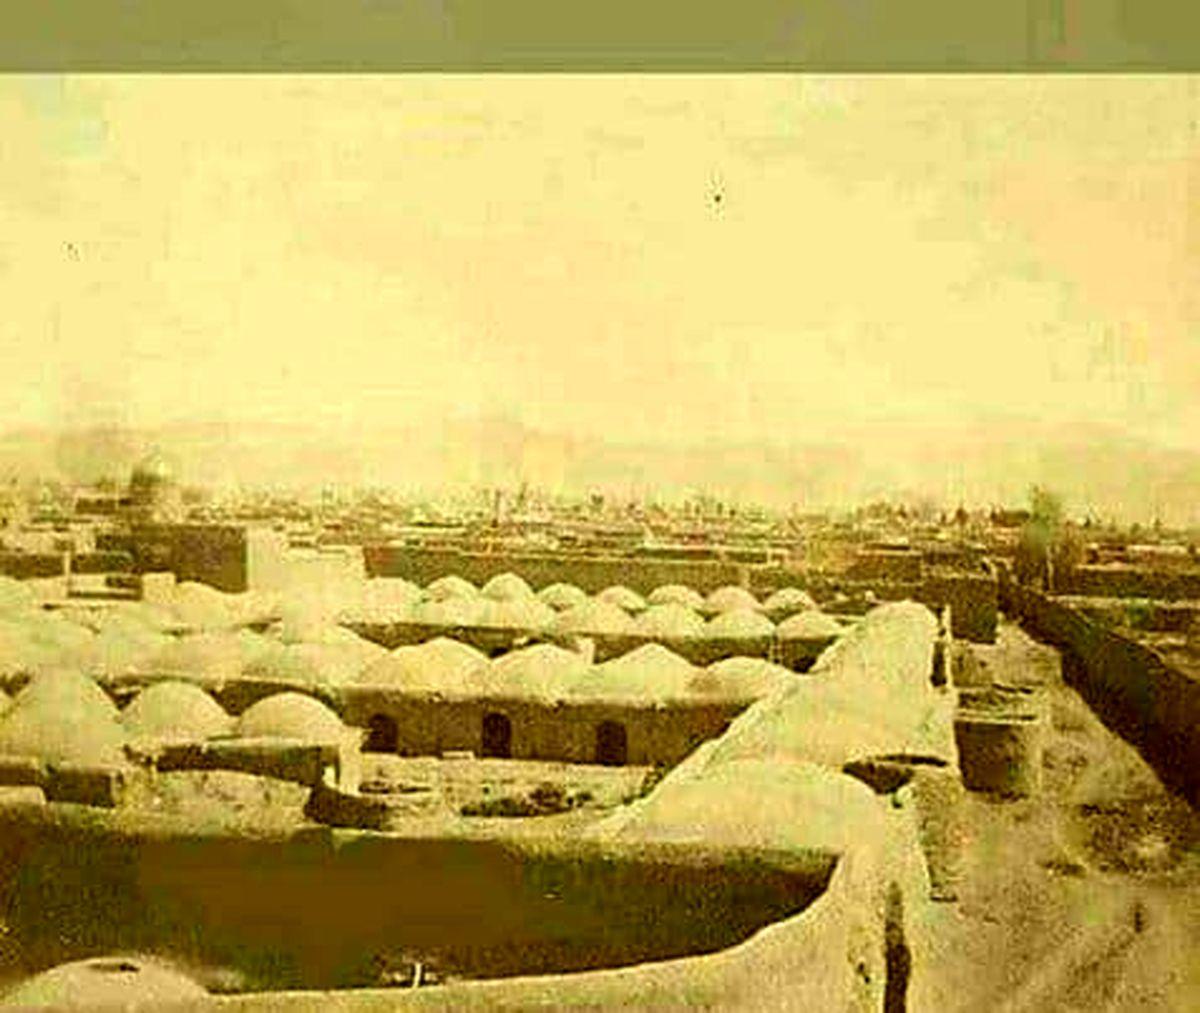 تا حالا قدیمیترین عکس موجود از تهران را دیدید؟